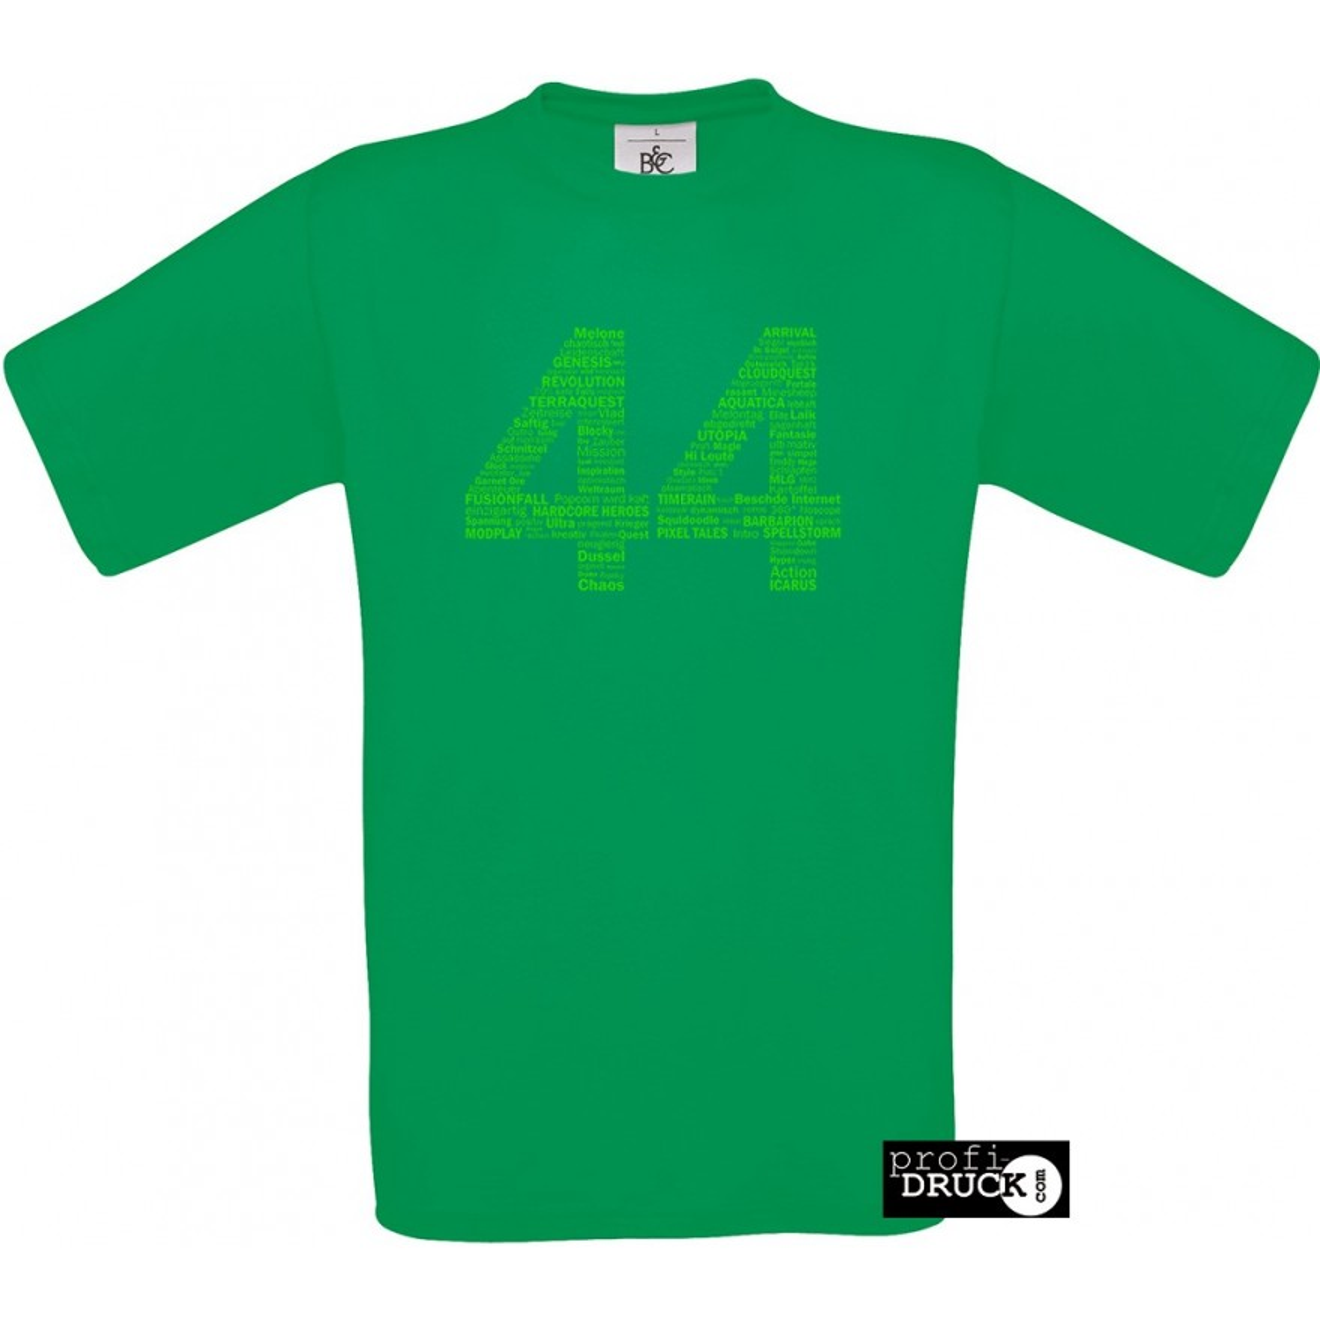 44green t shirt kids. Black Bedroom Furniture Sets. Home Design Ideas